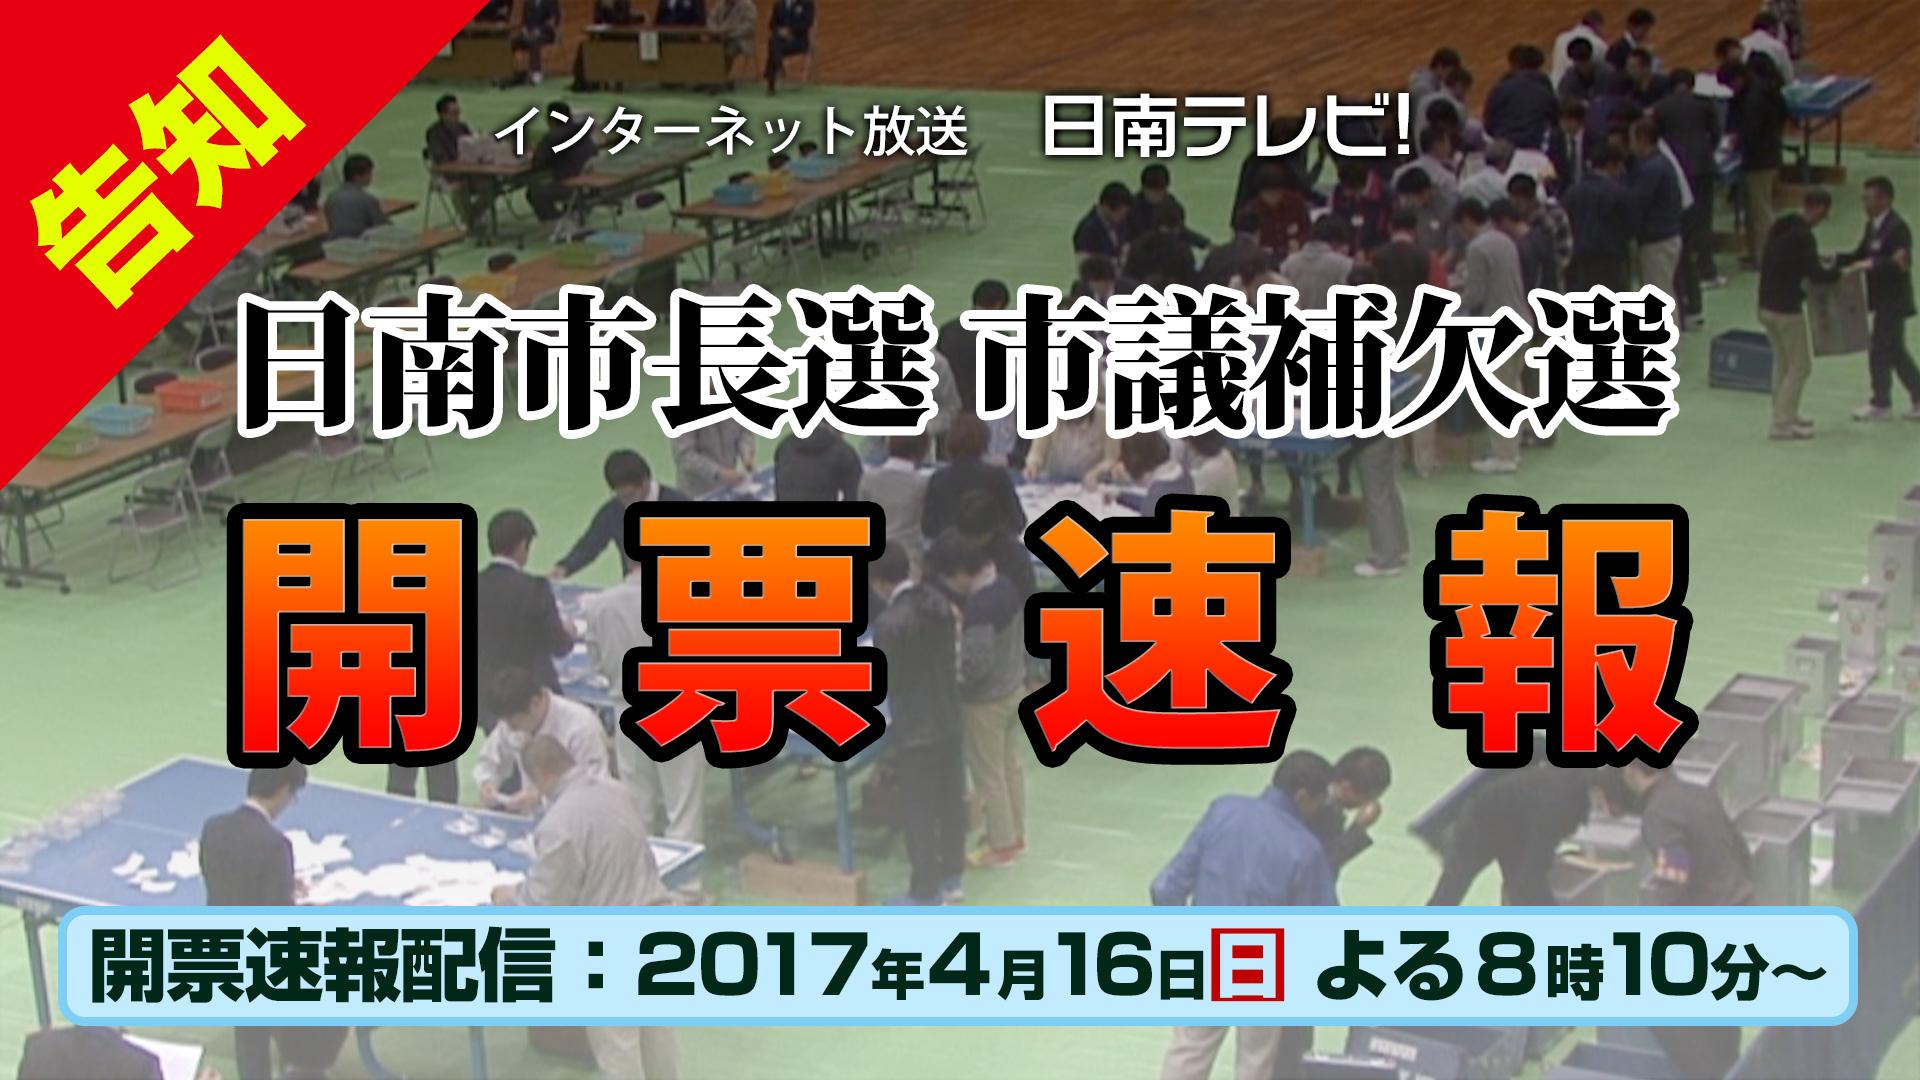 【告知】日南市長選挙・市議補欠選挙2017(候補者)